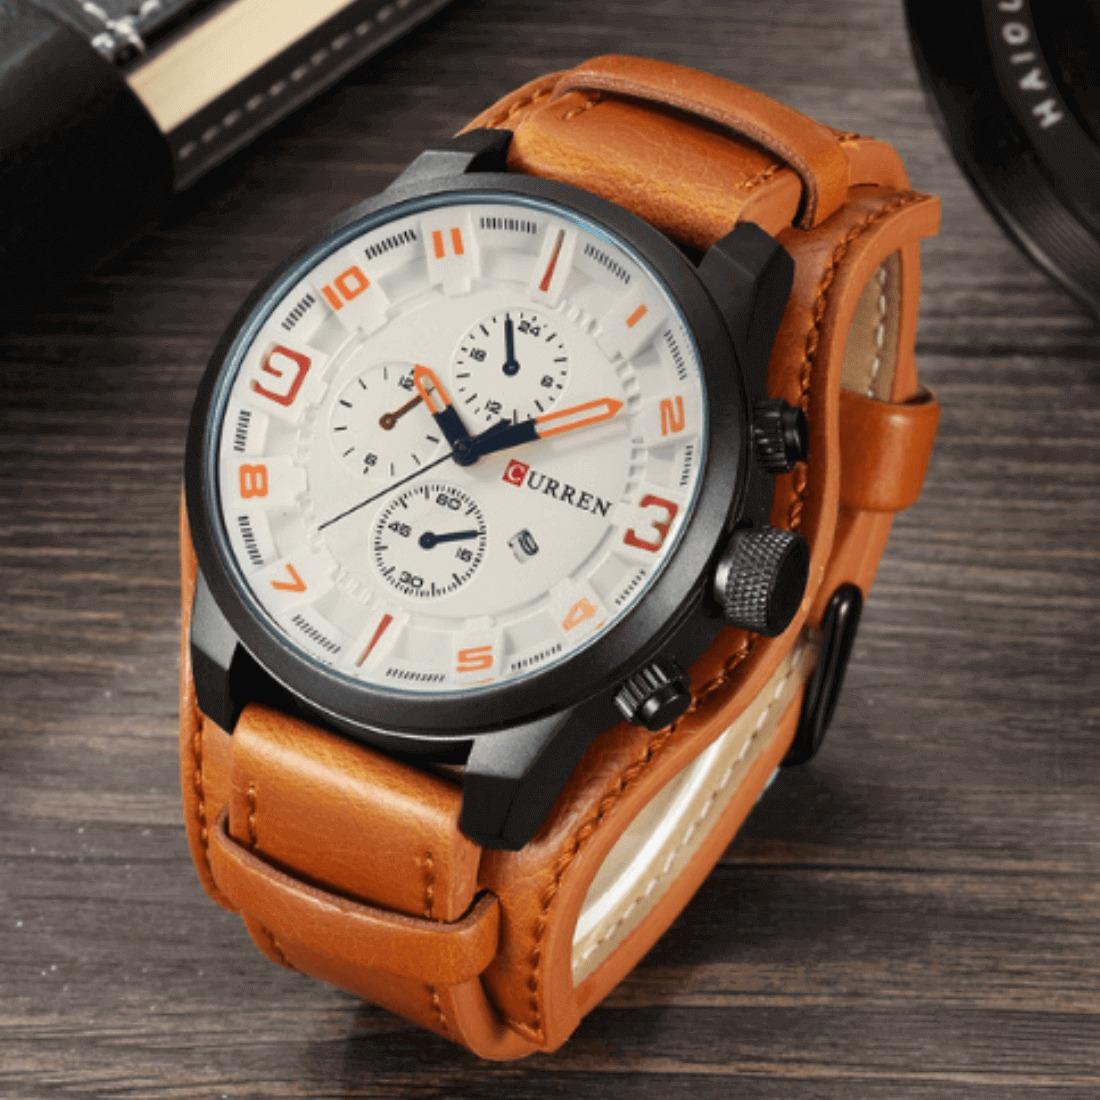 098442bb445 Carregando zoom... relógio curren original masculino sport fino promoção